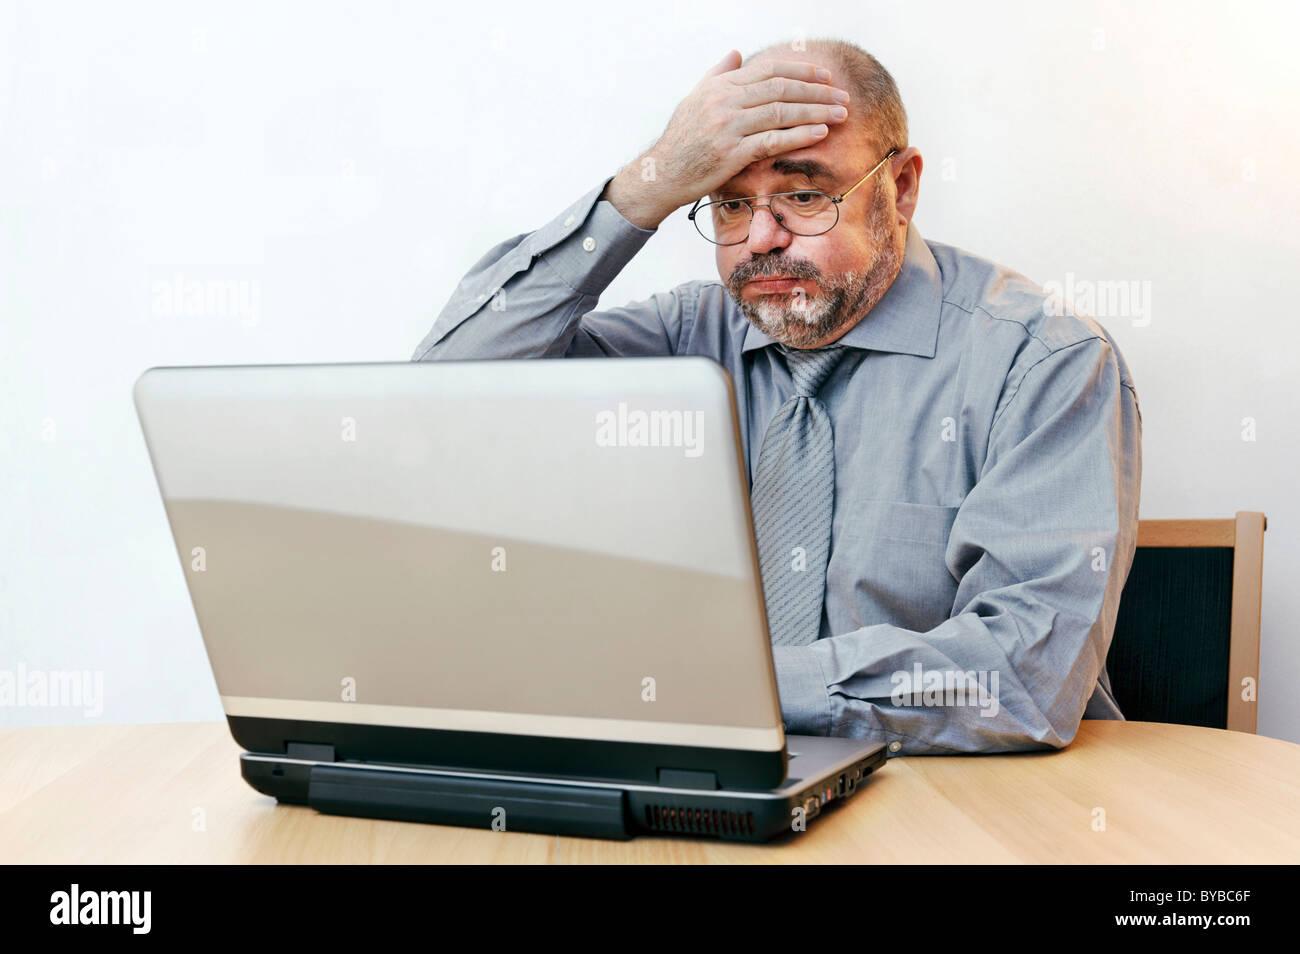 Le greffier a souligné sur l'ordinateur portable Photo Stock